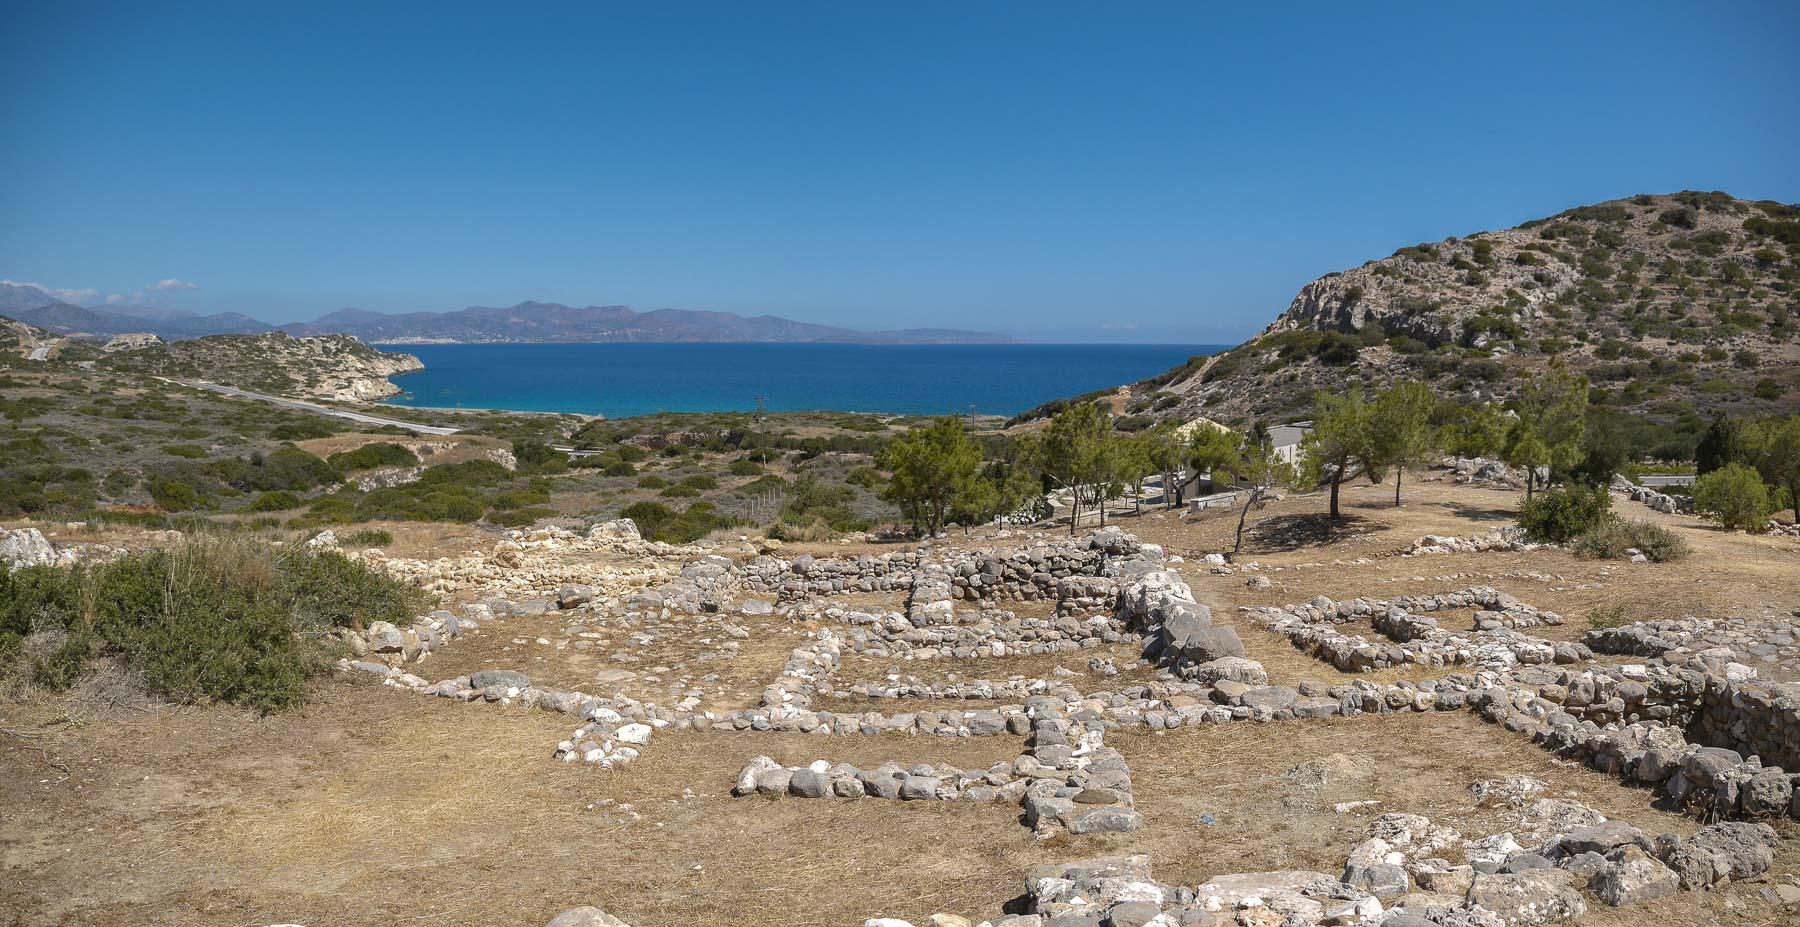 Grundmauern in einer Außgrabungsstätte auf Kreta